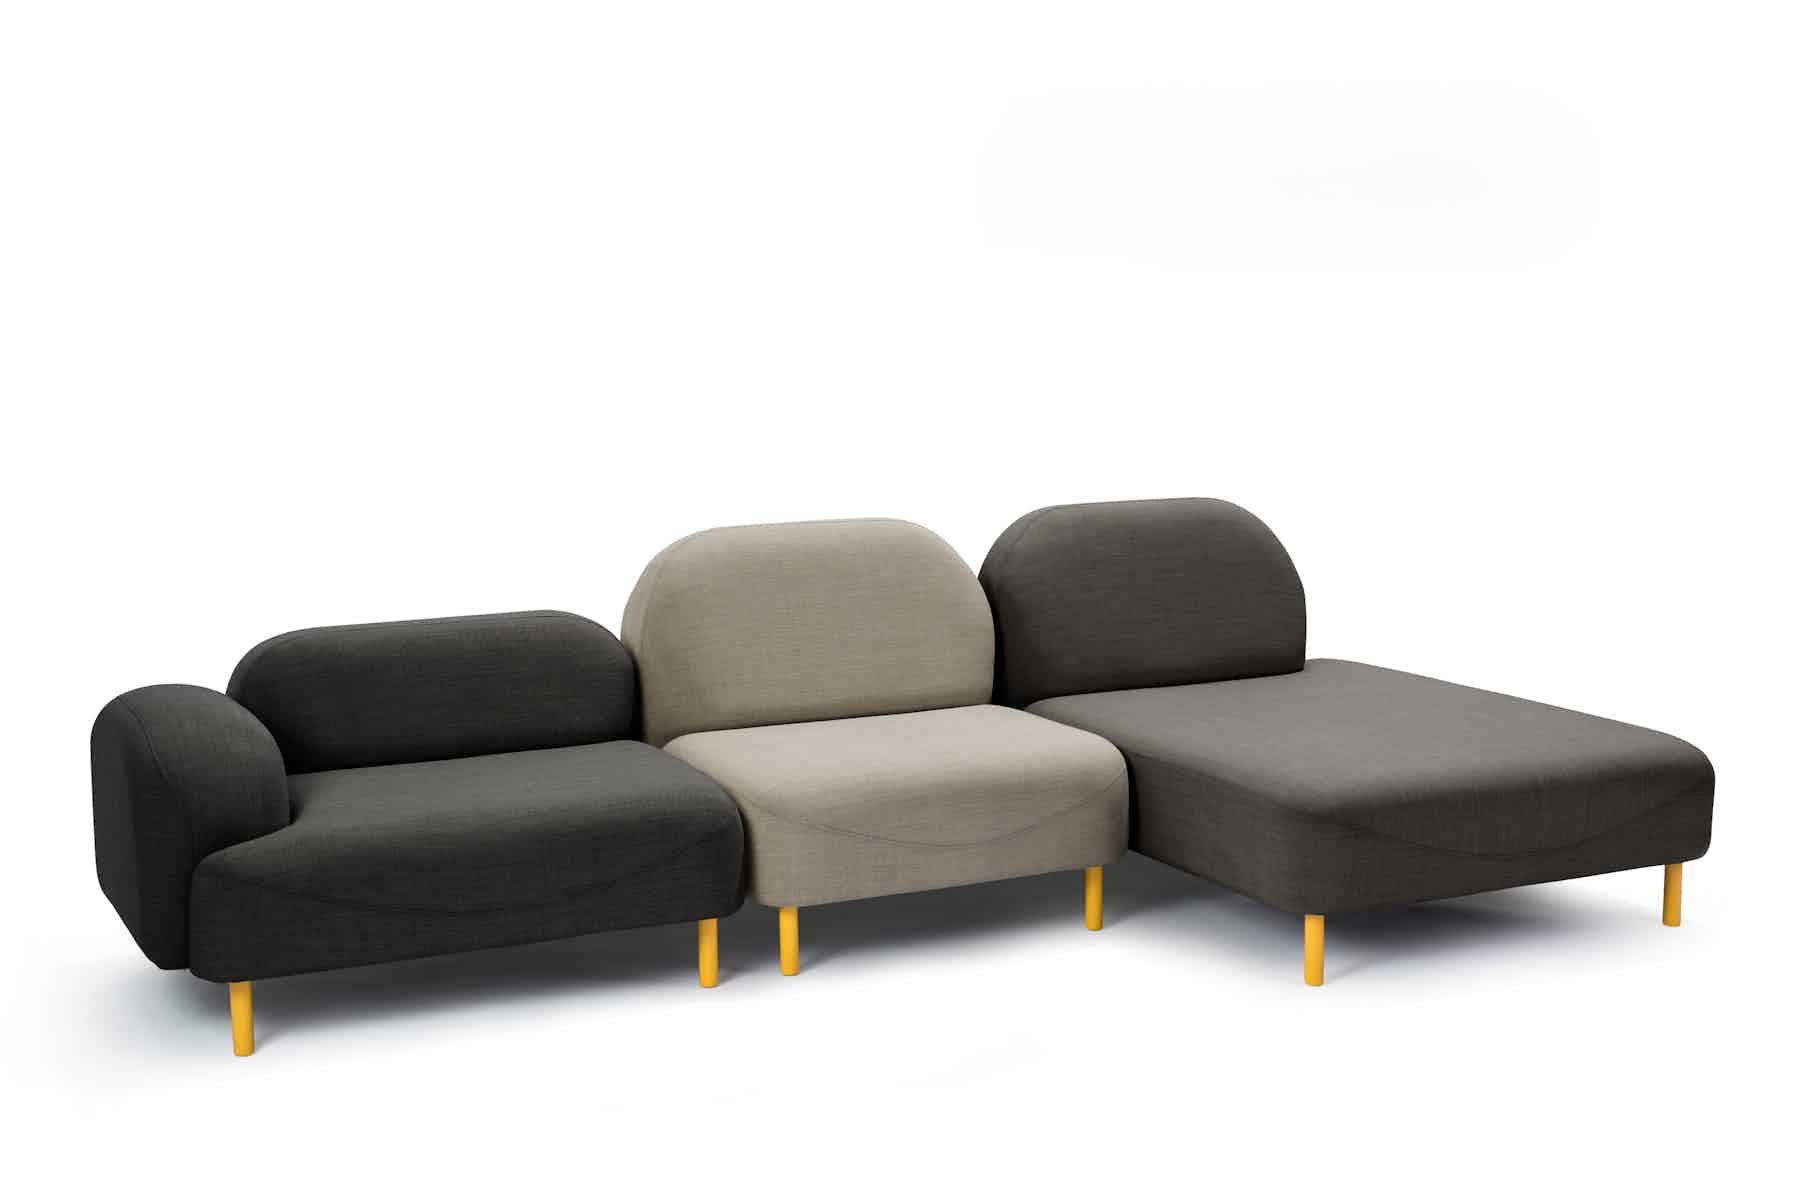 Deadgood-scafell-modular-sofa-neutrals-haute-living